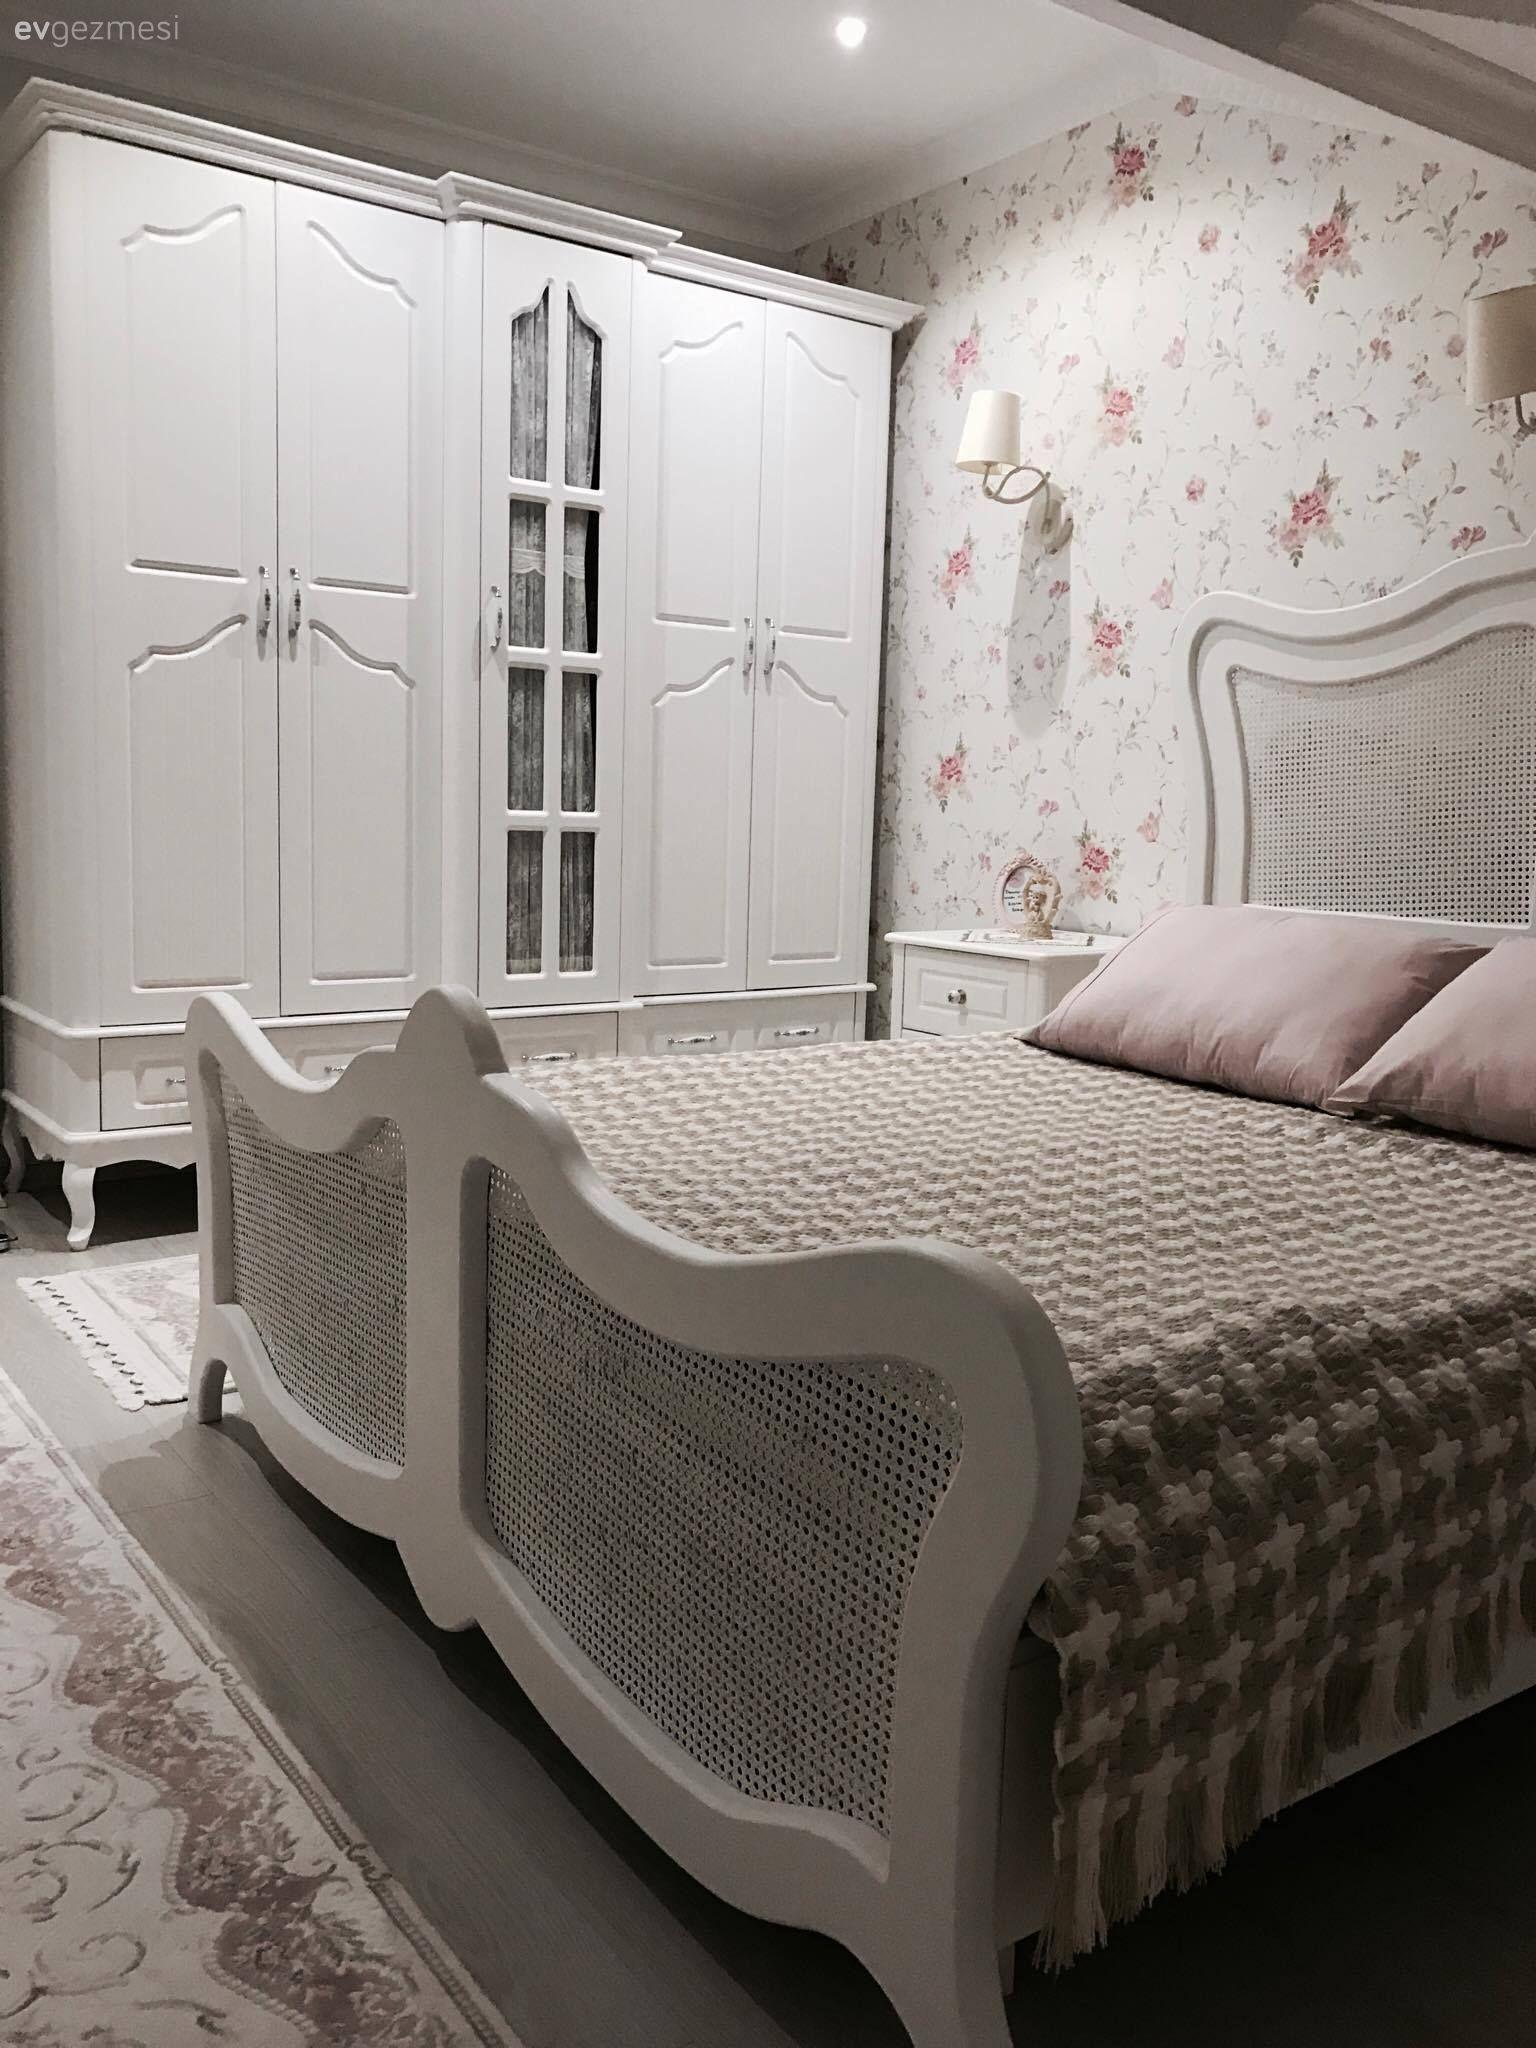 Çatı dubleksinde özgün ve kullanışlı. Neslihan hanımın tatlı evi.. #rustikmobilya